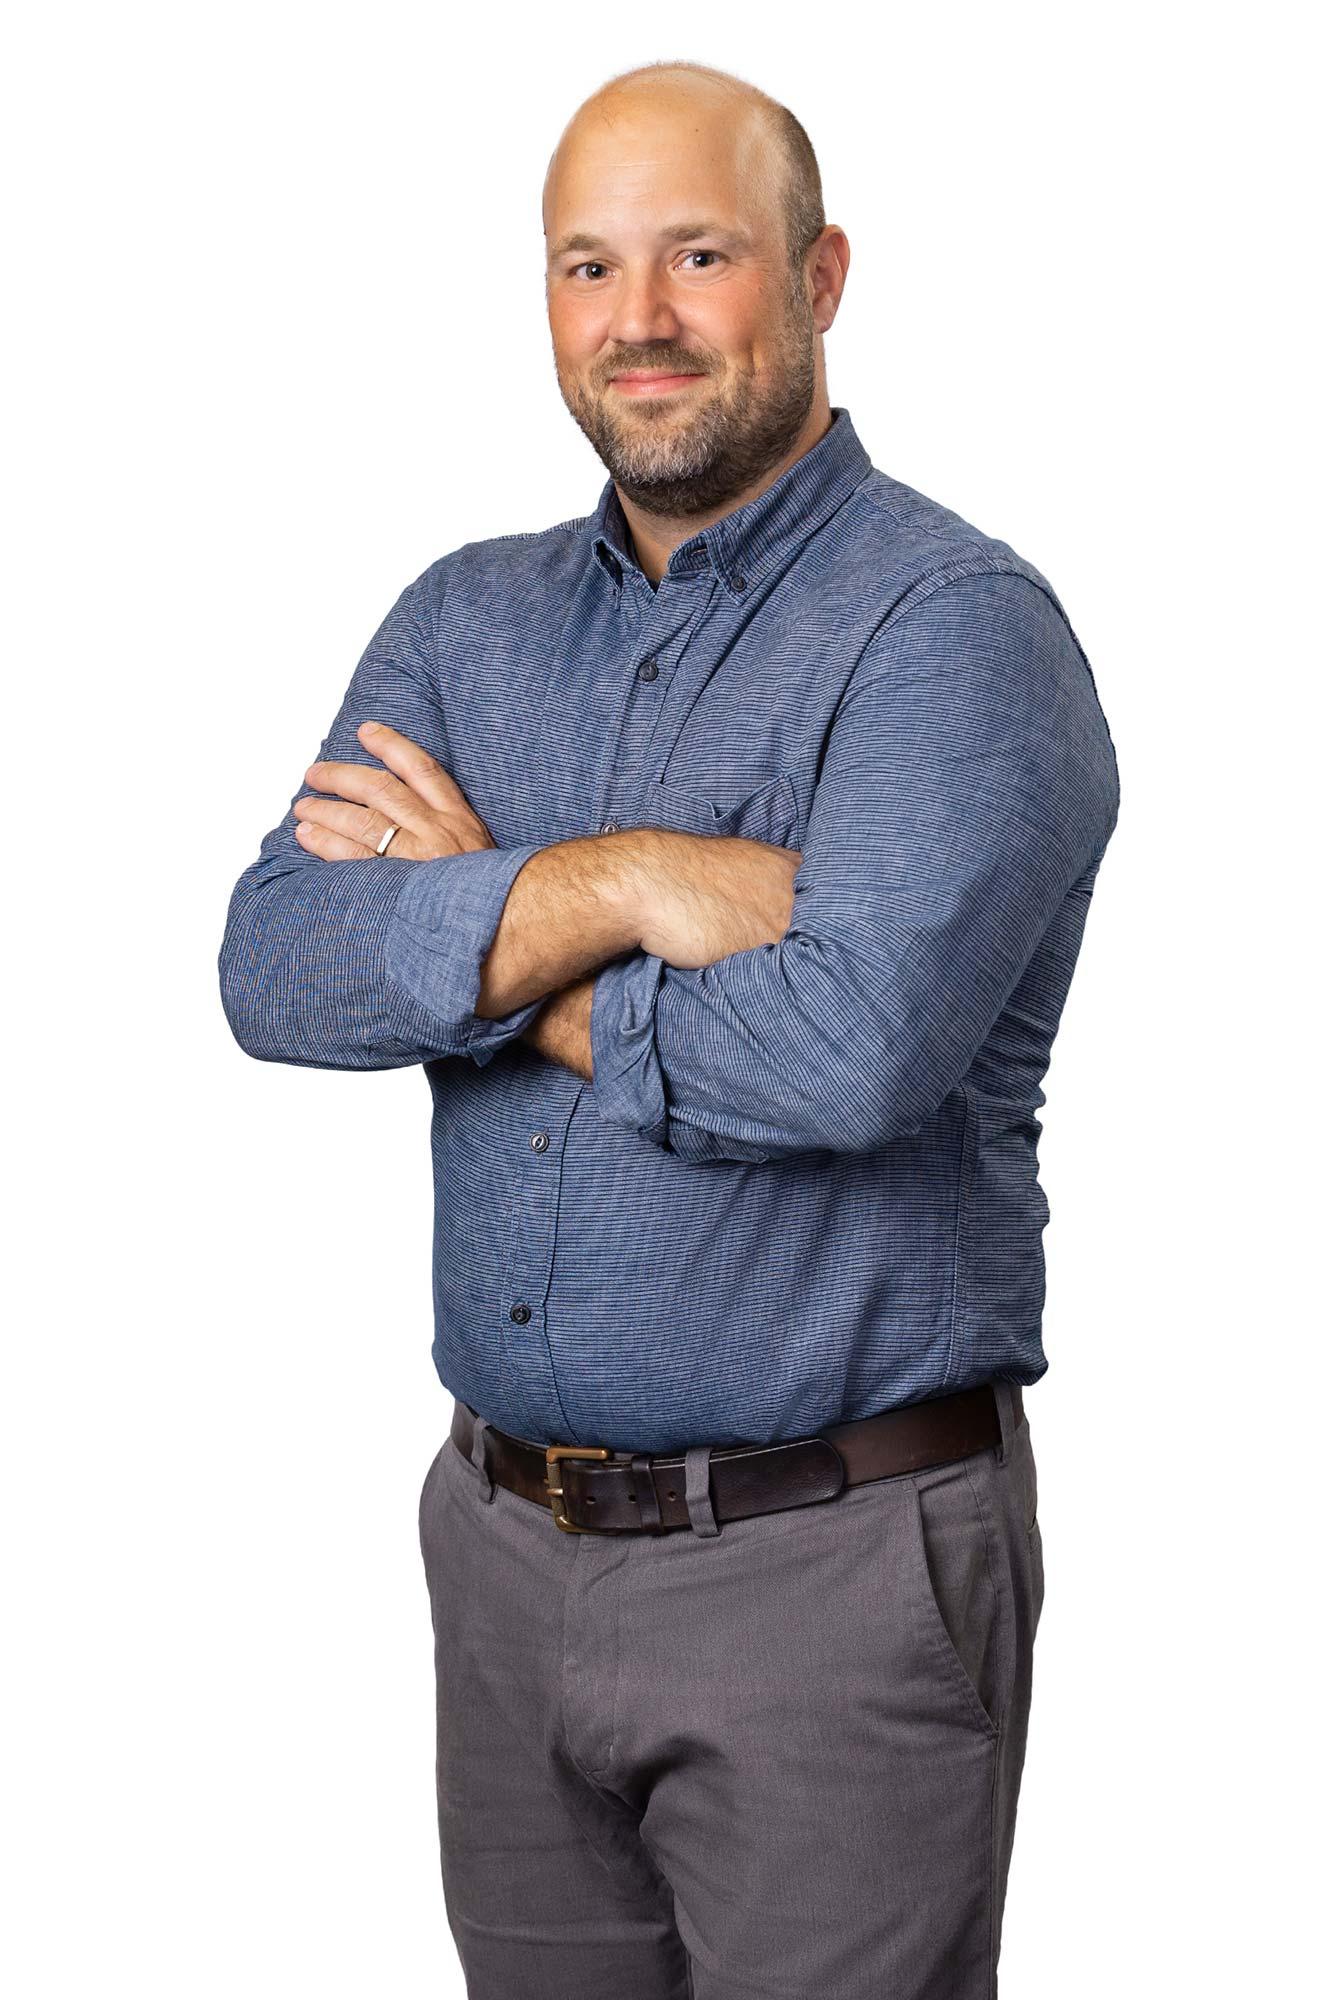 Guy Mazzotta